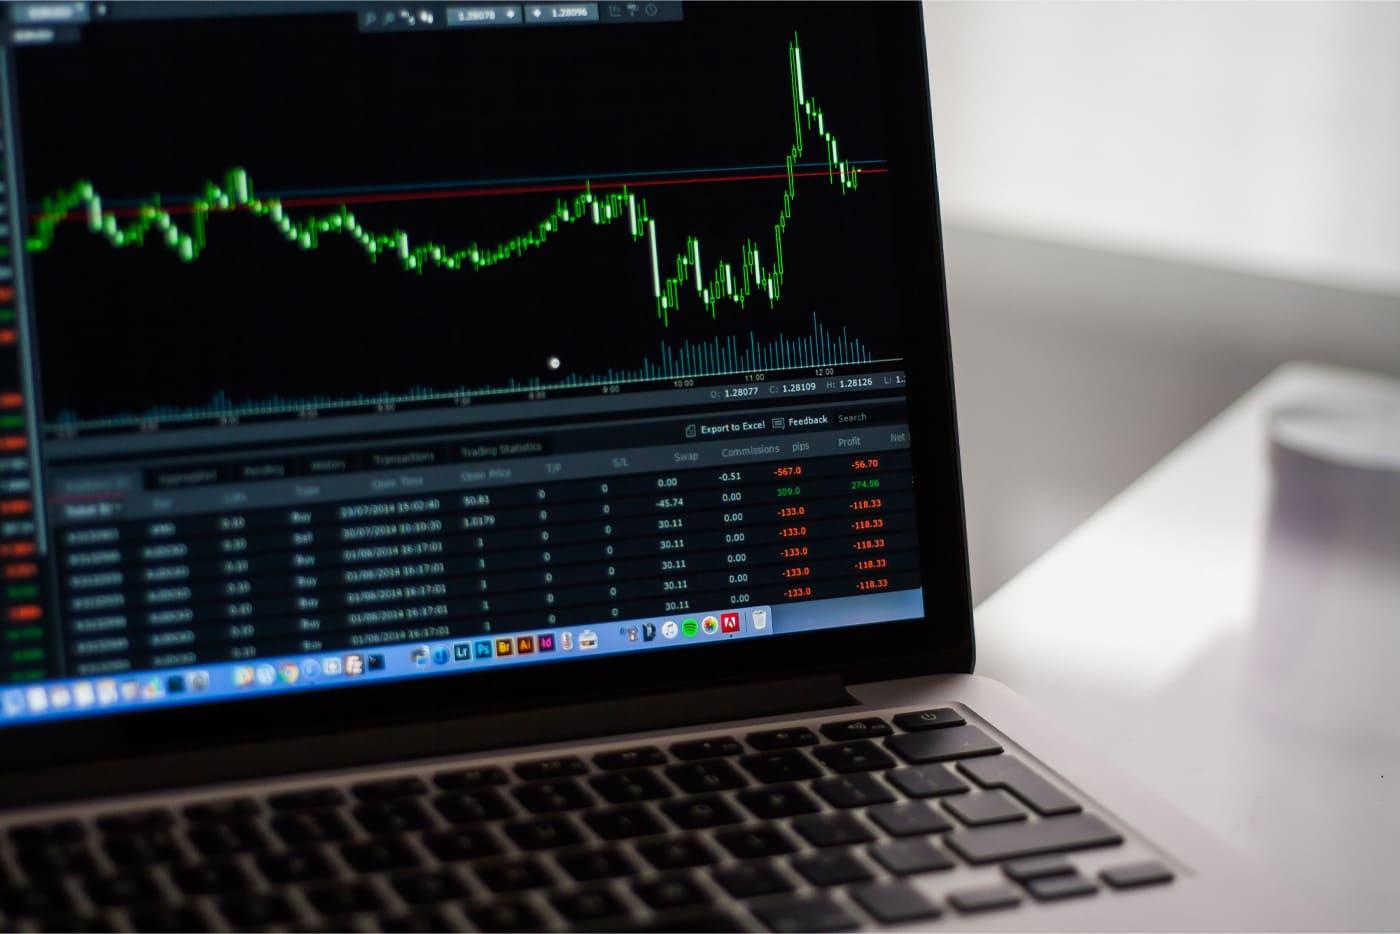 An asset price chart on a notebook screen